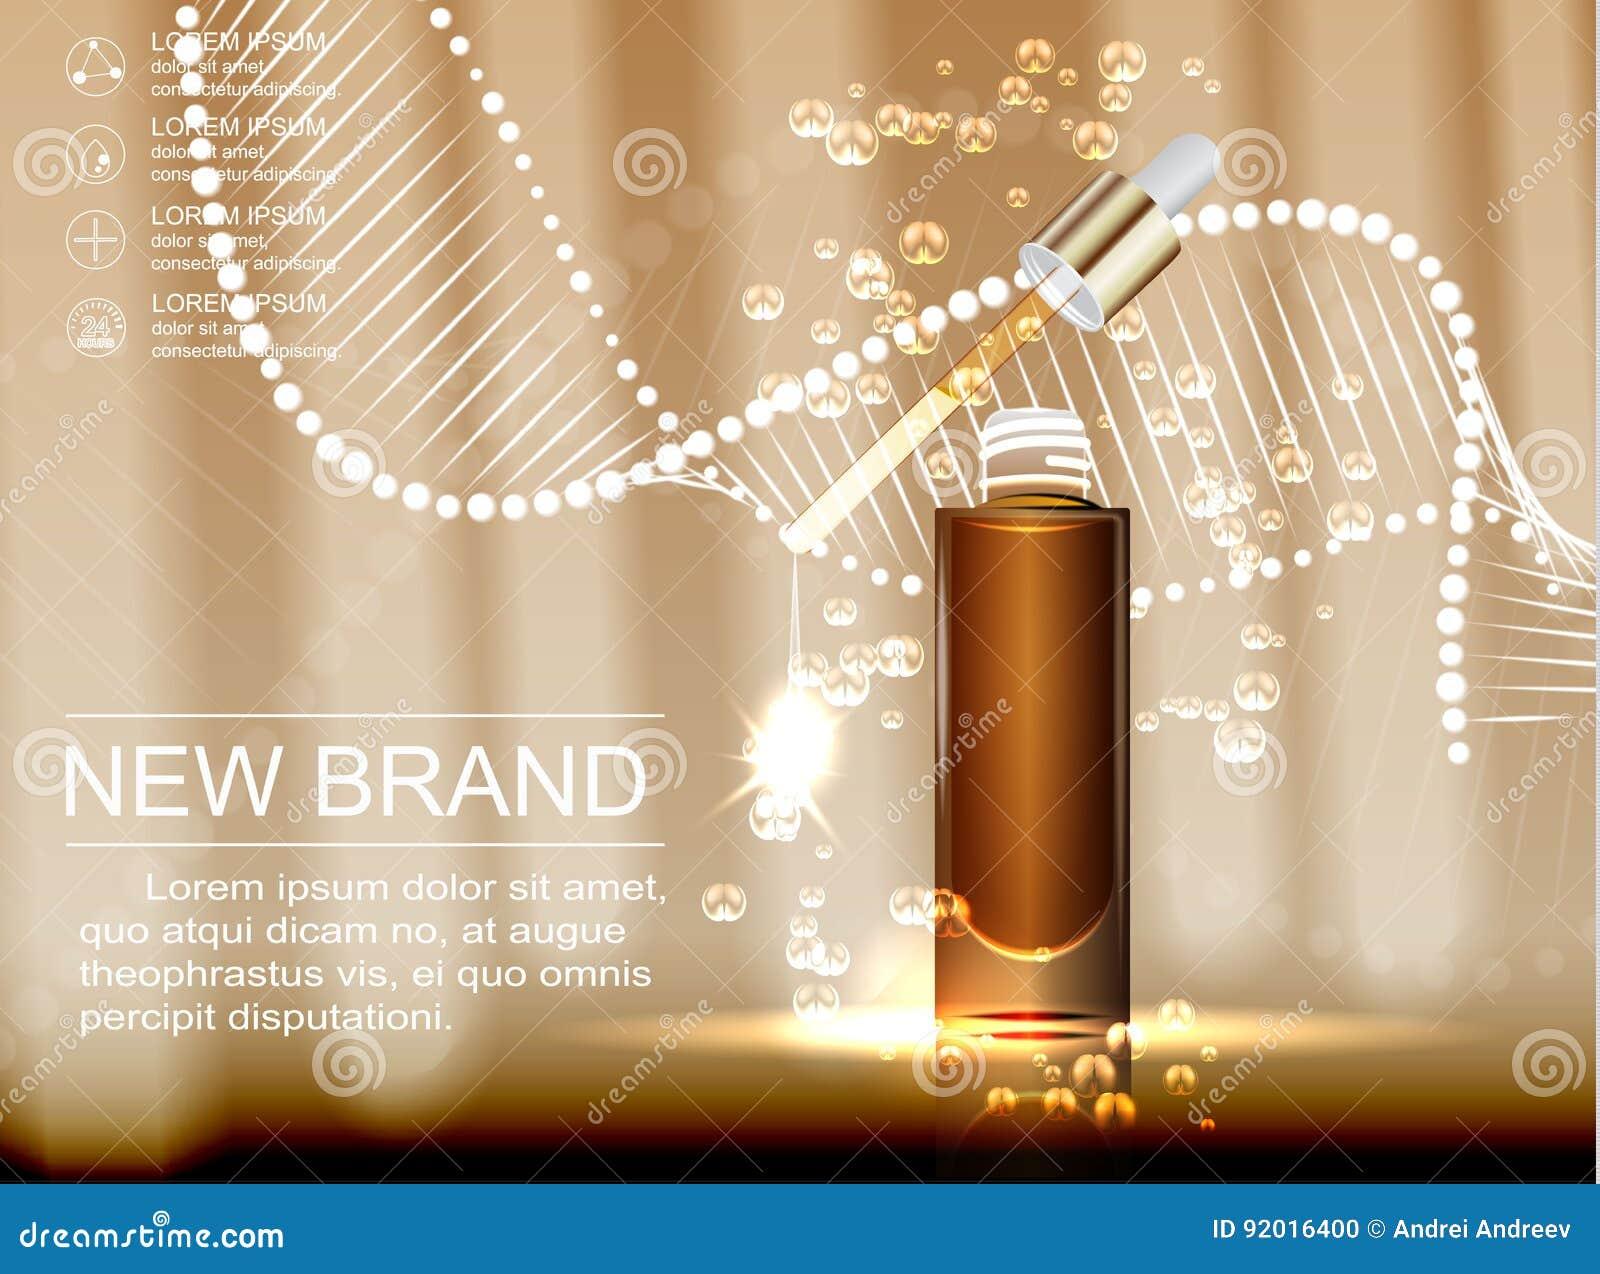 Kosmetisk annonsmall, glass liten droppeflaska med extraktolja som isoleras på brun bakgrund